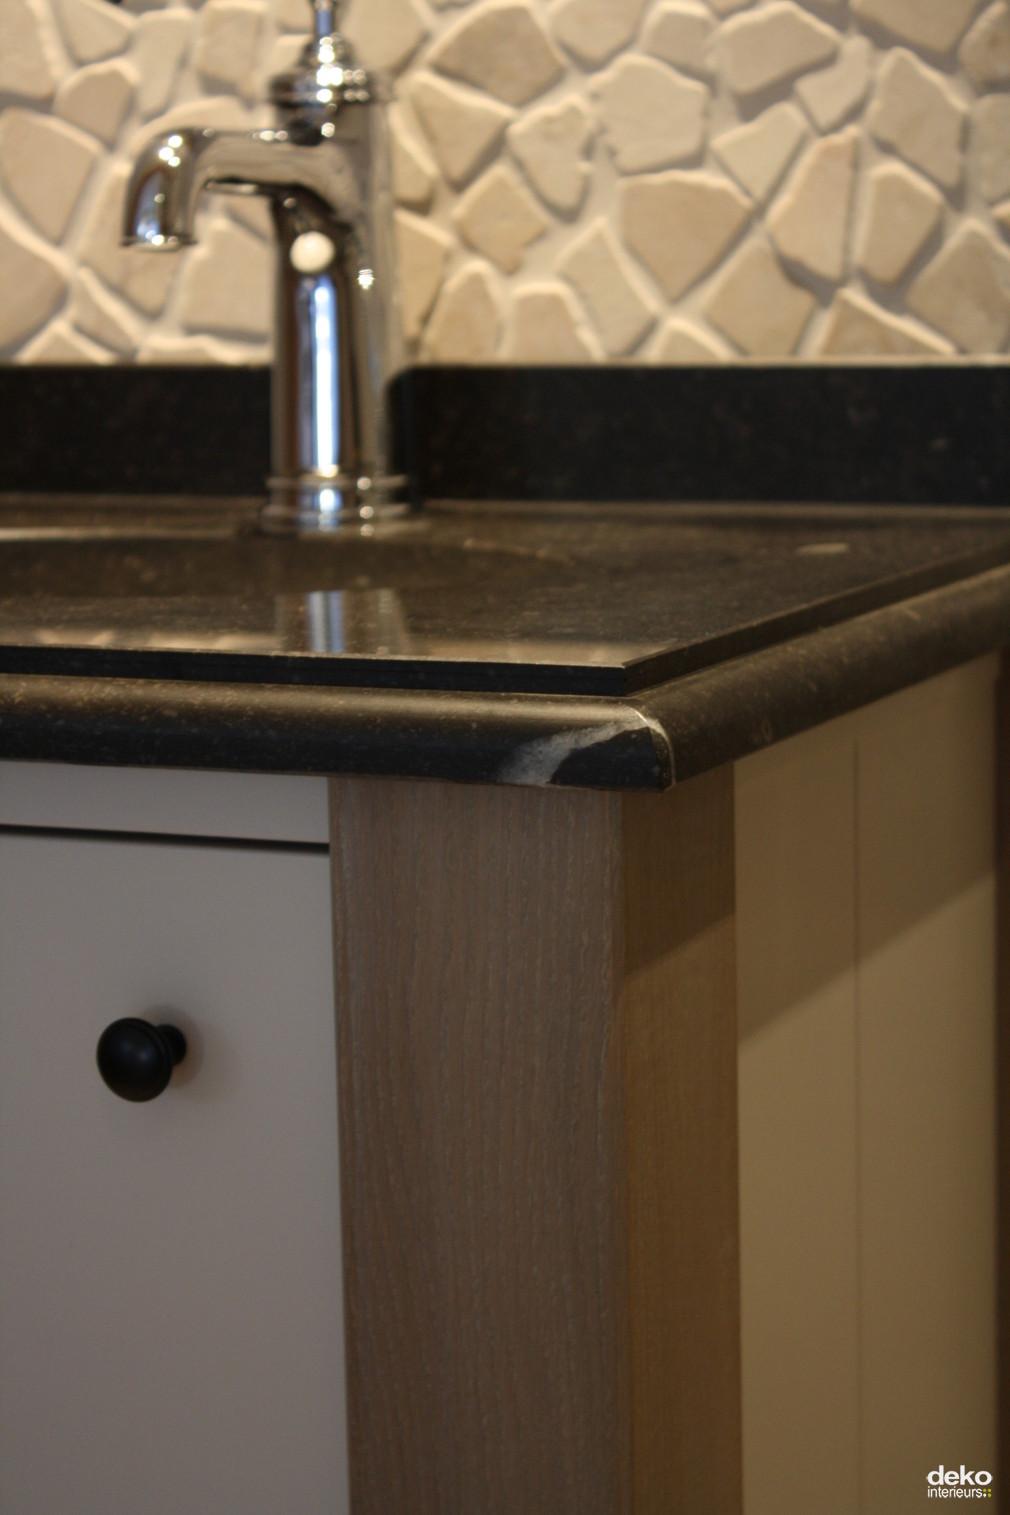 Badkamer winkel uden badkamer ontwerp idee n voor uw huis samen met meubels die - Badkamer scheiding ...